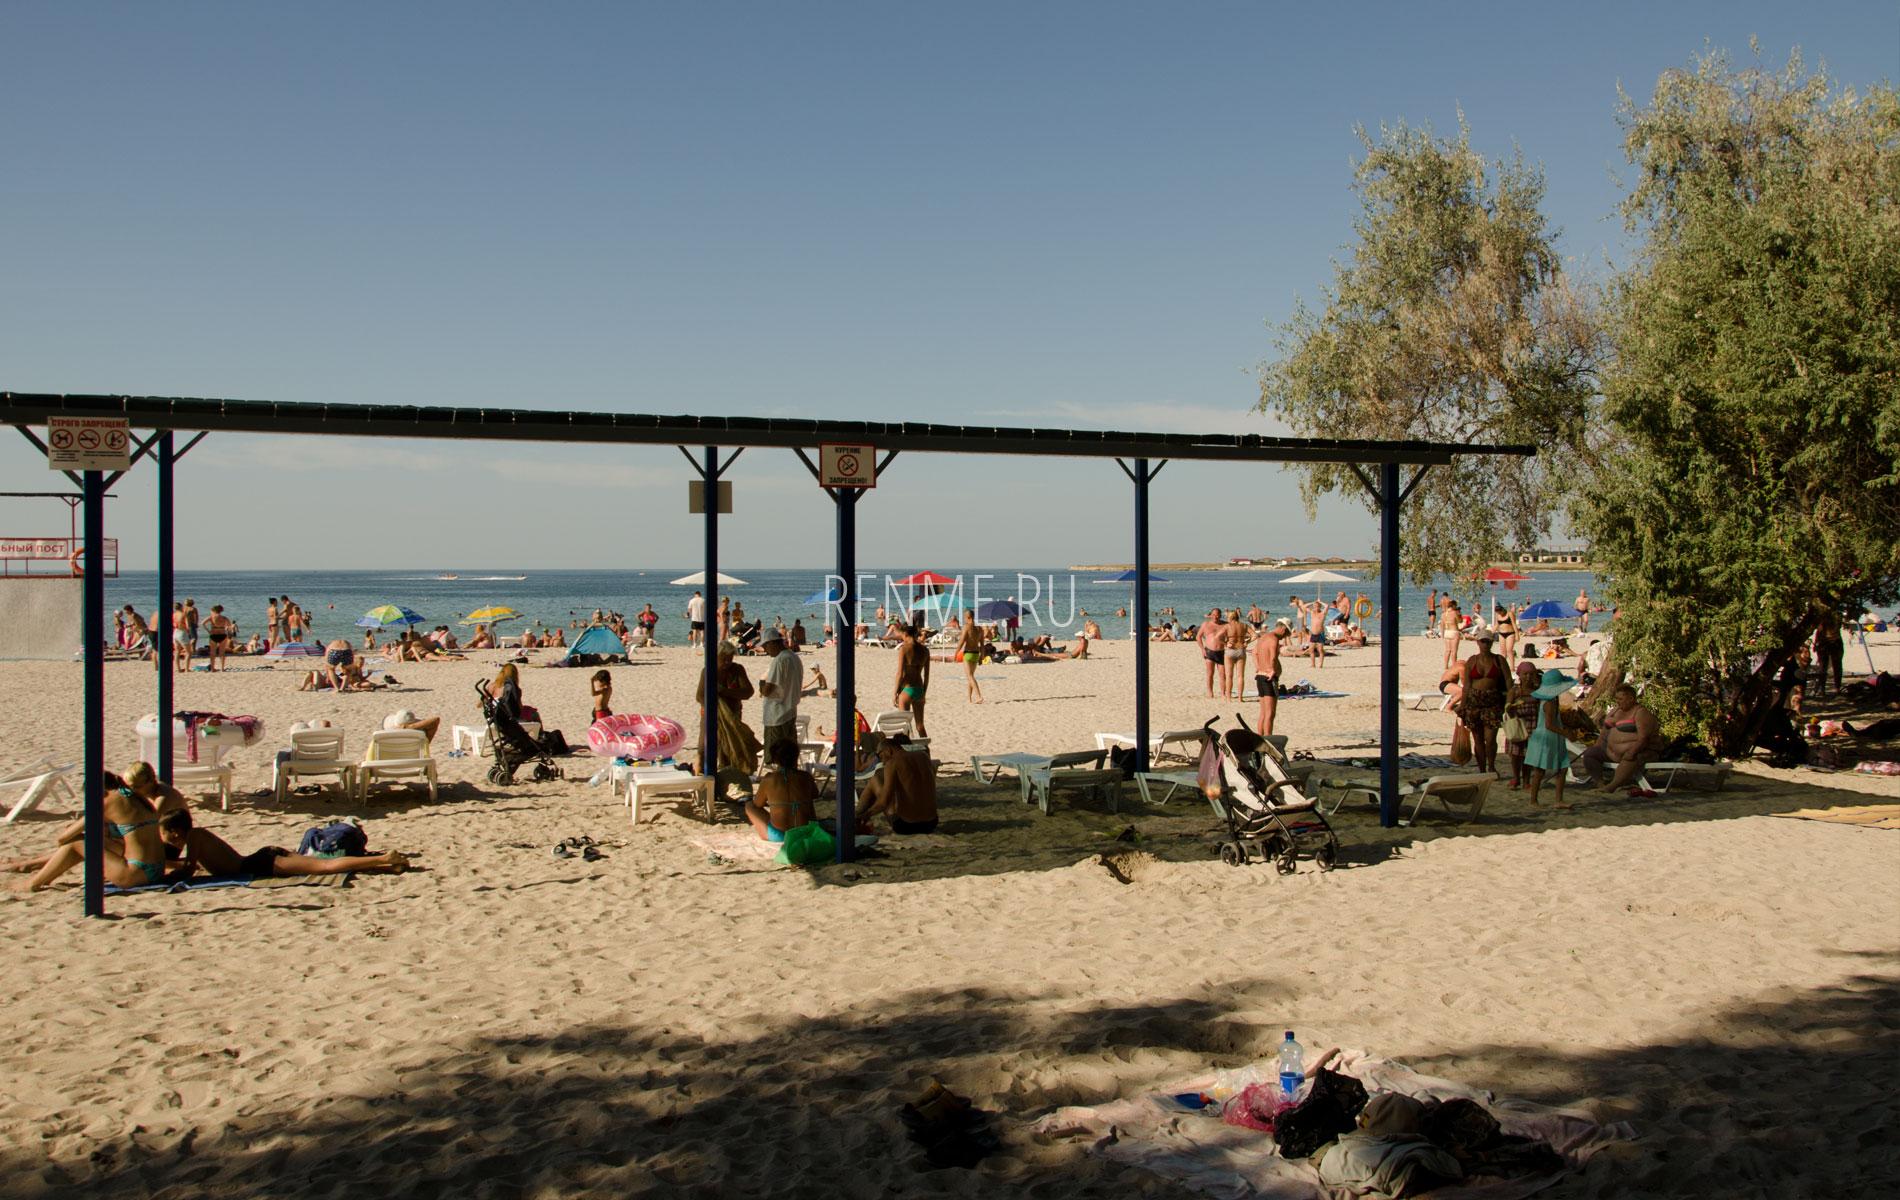 посмотрел черноморское фото пляжей и набережной вкусный проверенный